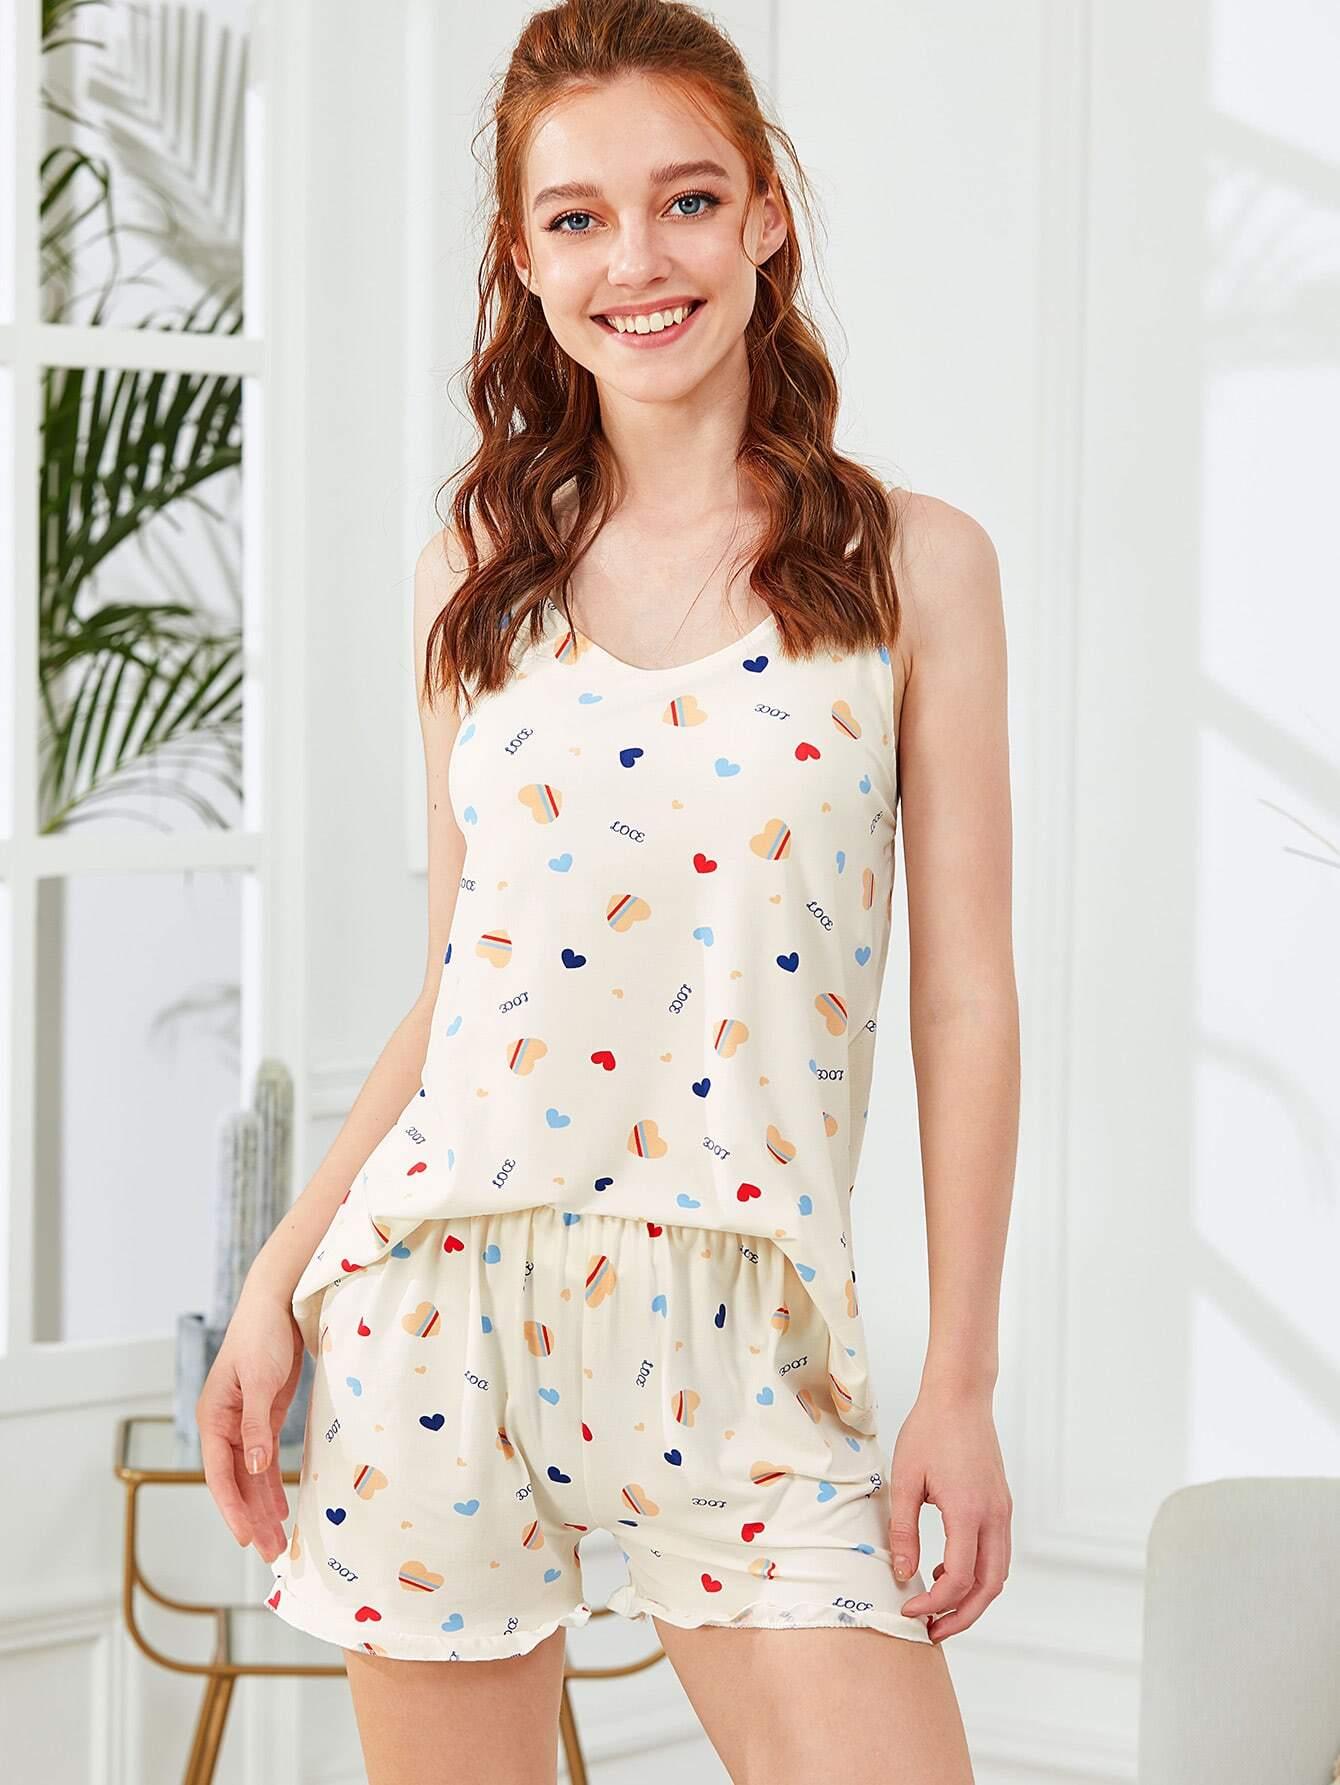 Heart Print Cami Top & Shorts PJ Set